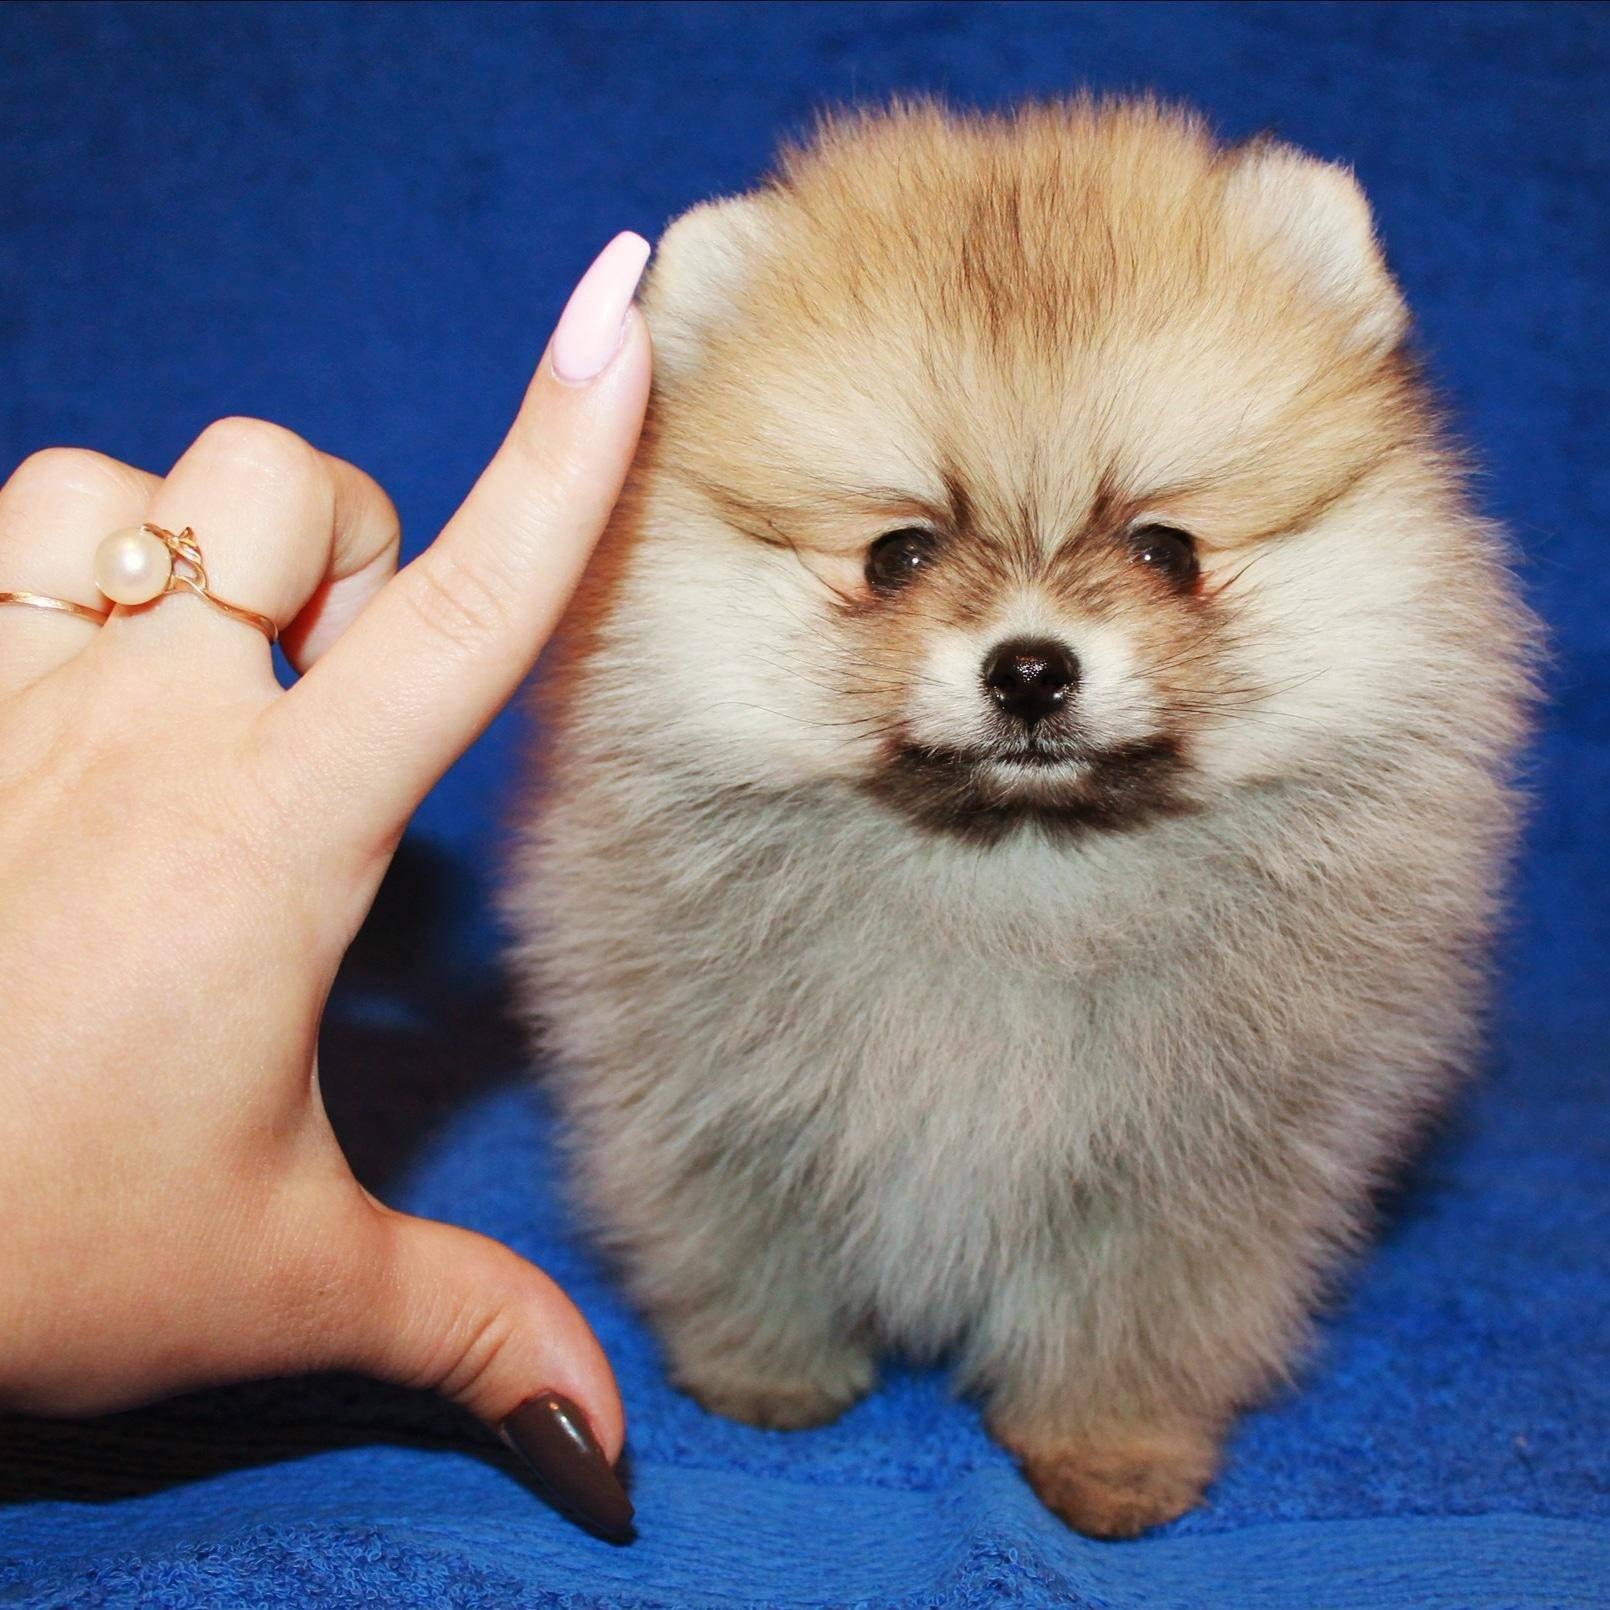 Немецкие шпицы: фото и видео породы собак, описание стандарта малых, средних и больших шпицев